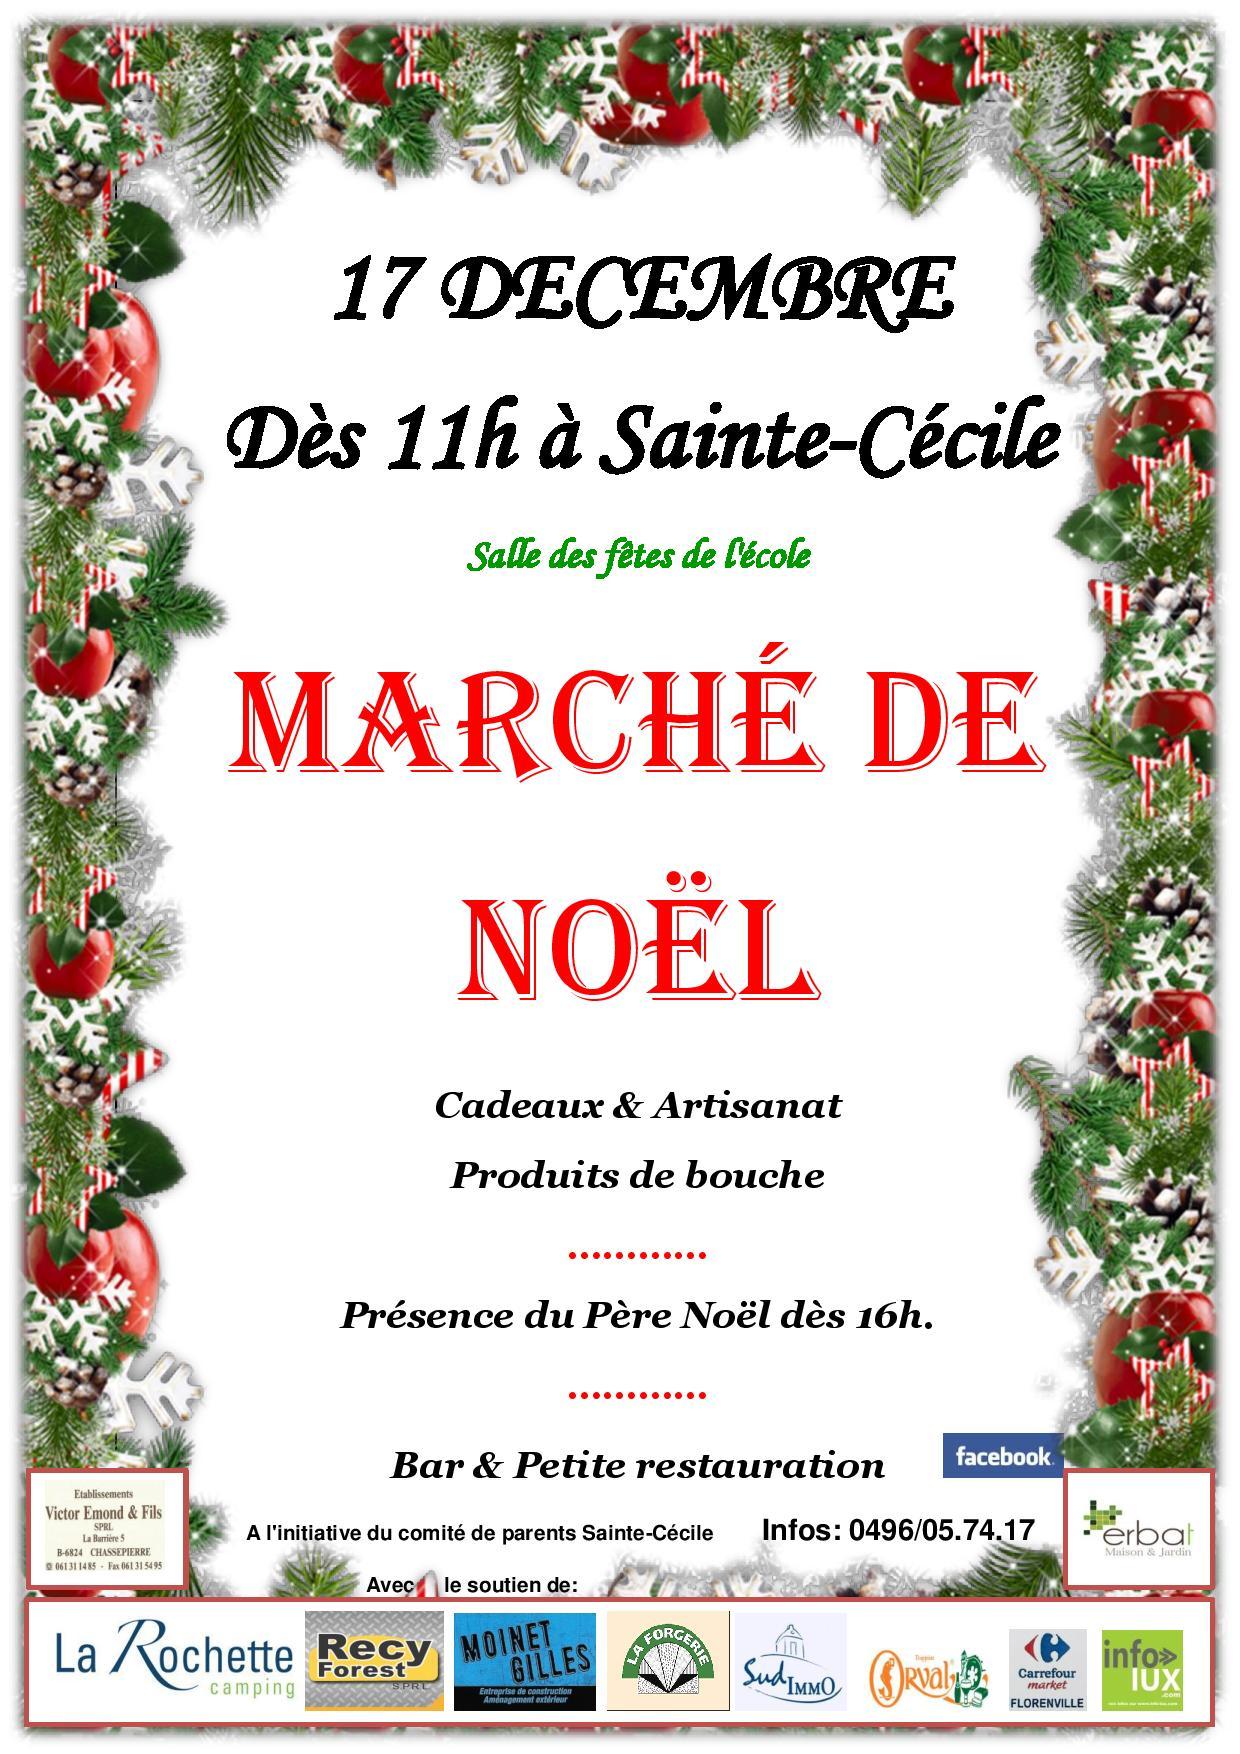 Marché de Noël à Sainte-Cécile